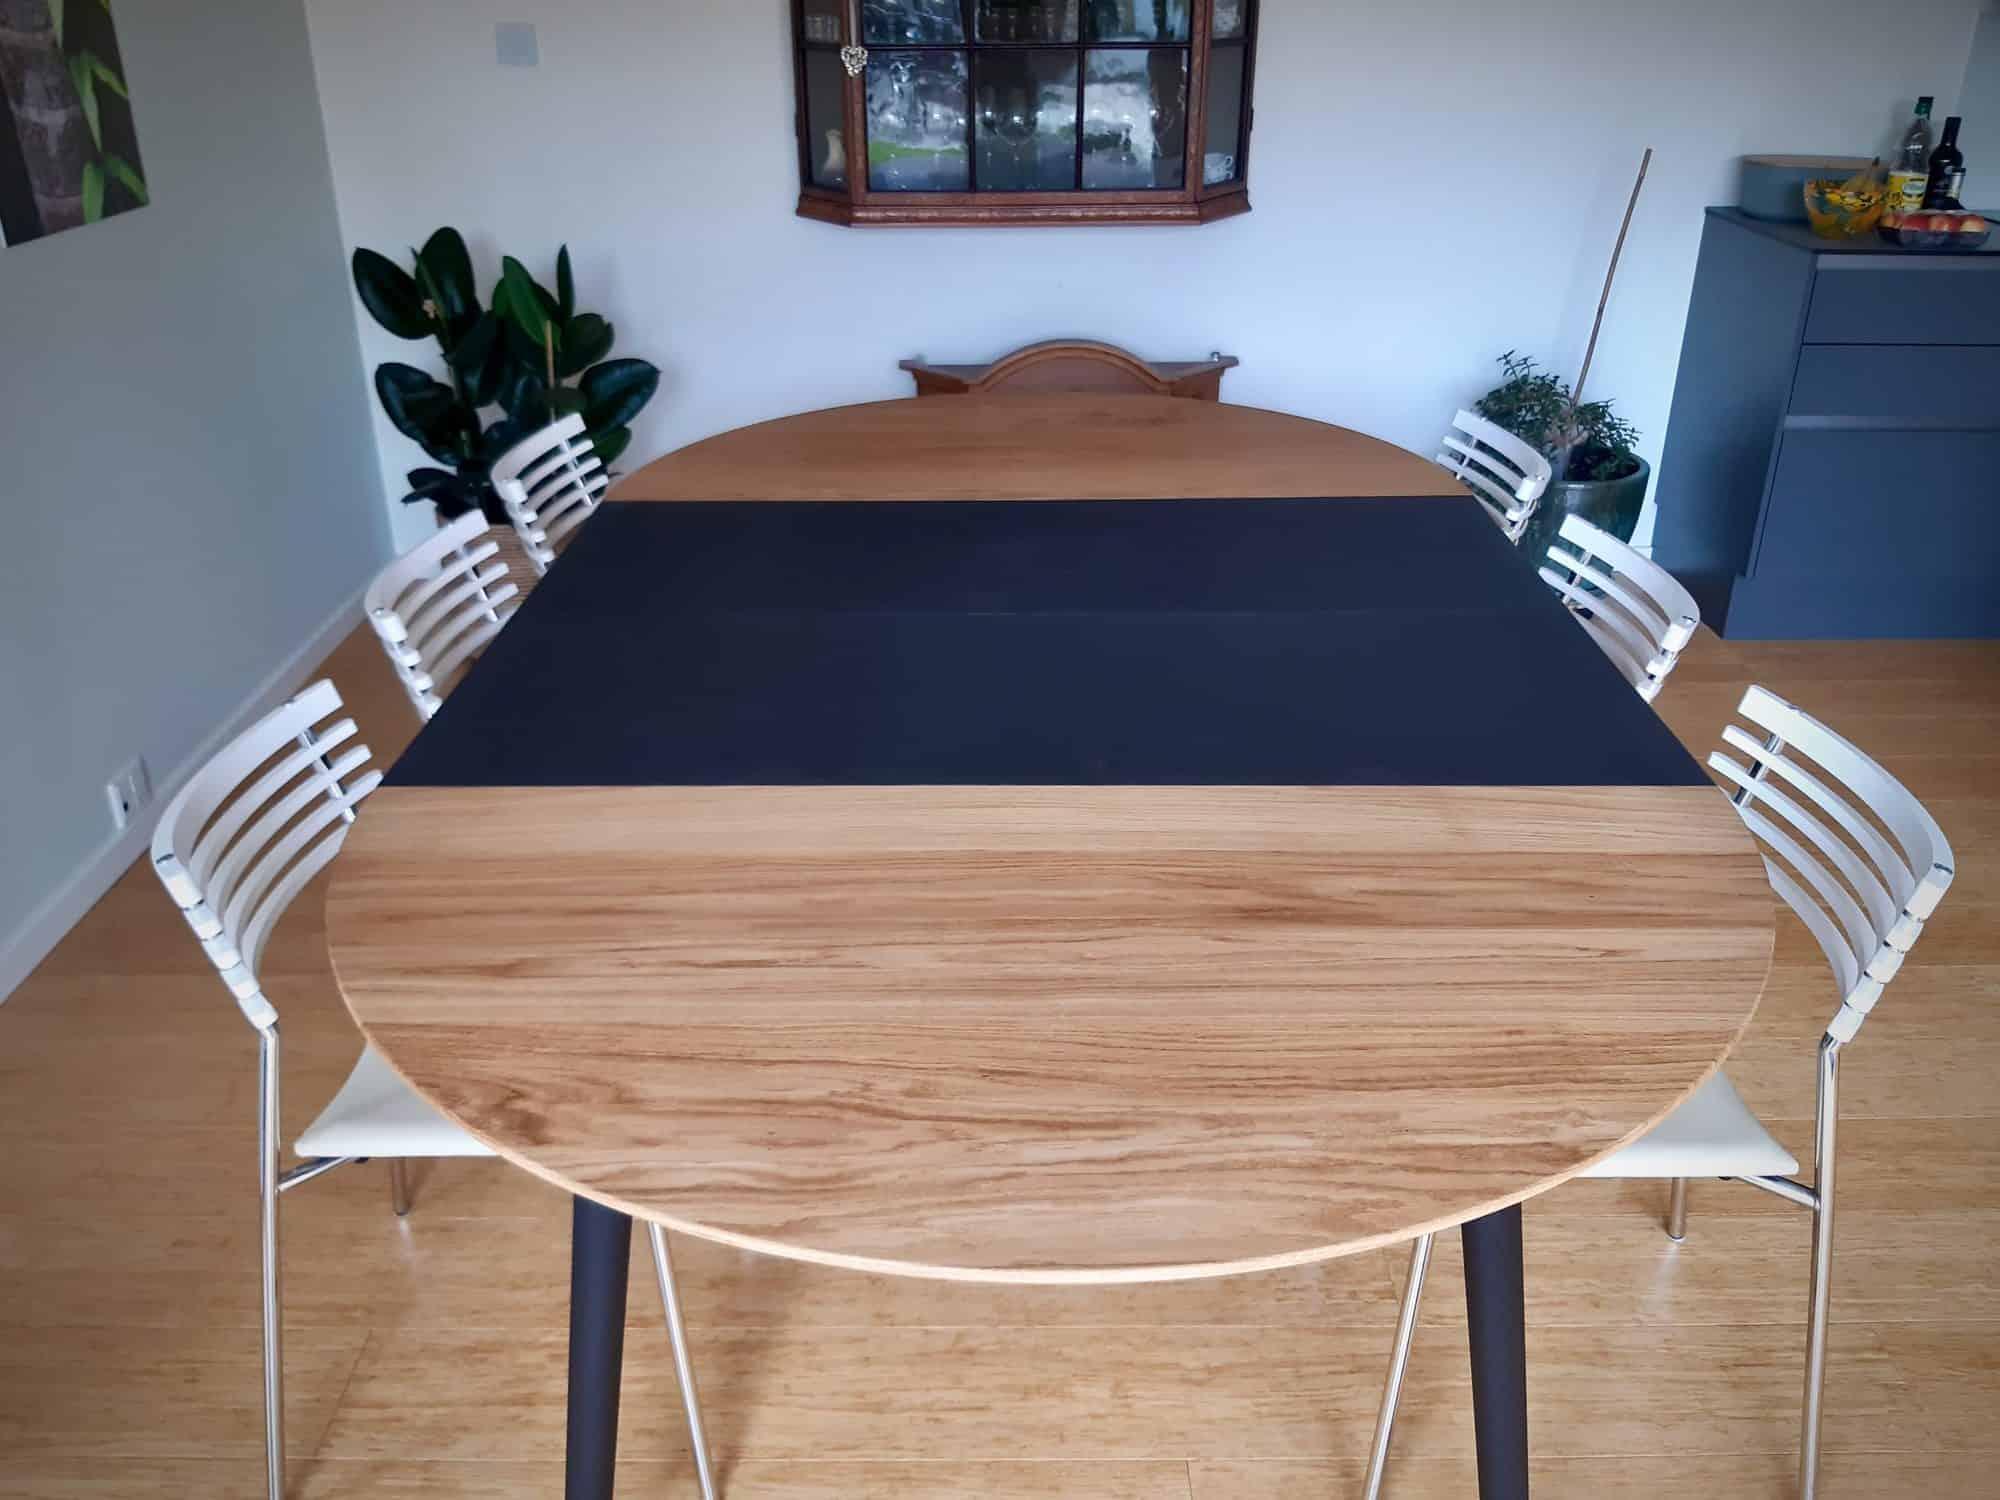 rundtbord rundbord ovalt bord bord i trae traebord traemobler kaerbygaard kaerbygård august 2020 18 scaled